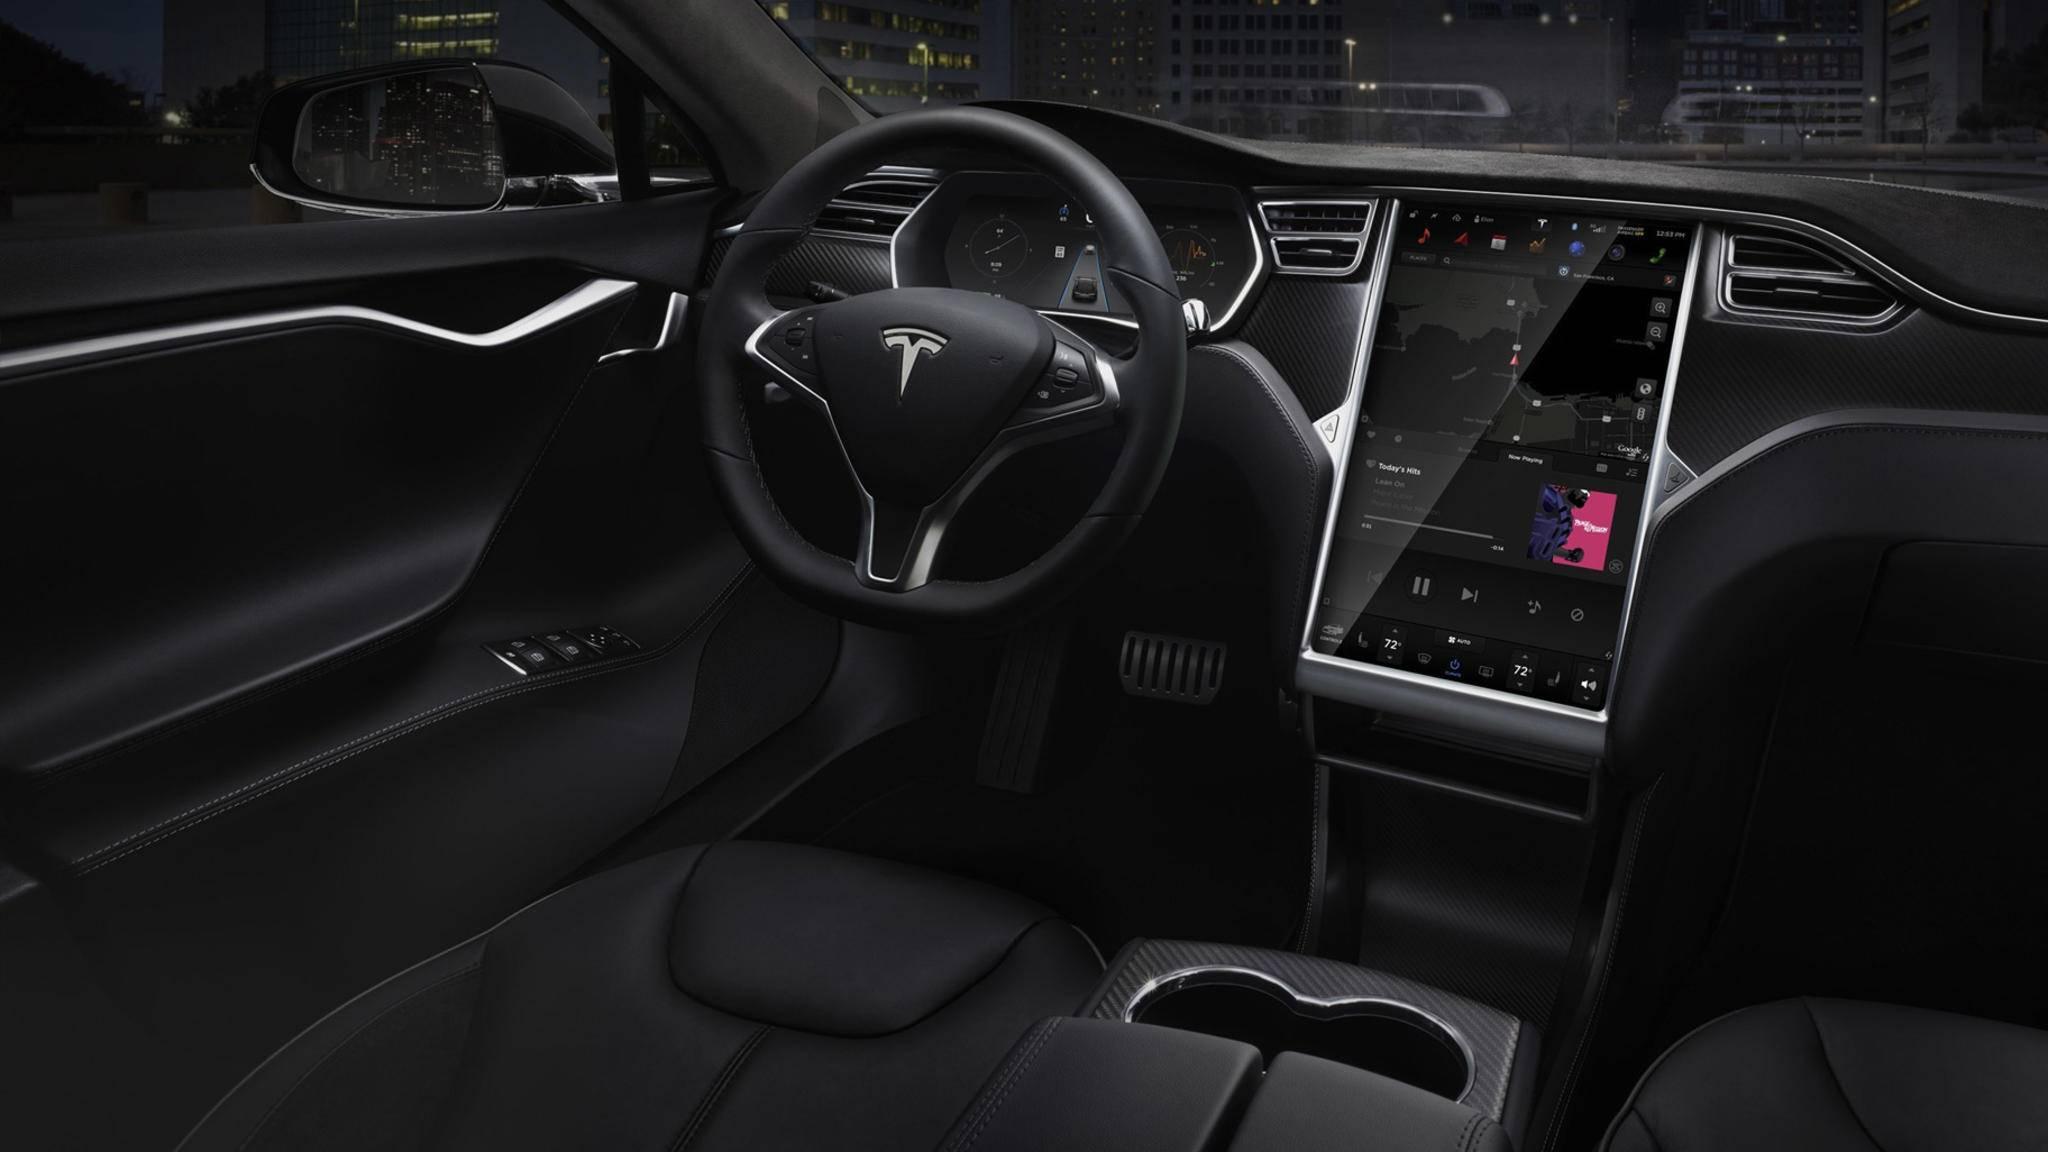 Selbstfahrende Autos, etwa von Tesla, benötigen nach wie vor einen Fahrer hinterm Steuer, der notfalls eingreifen kann.